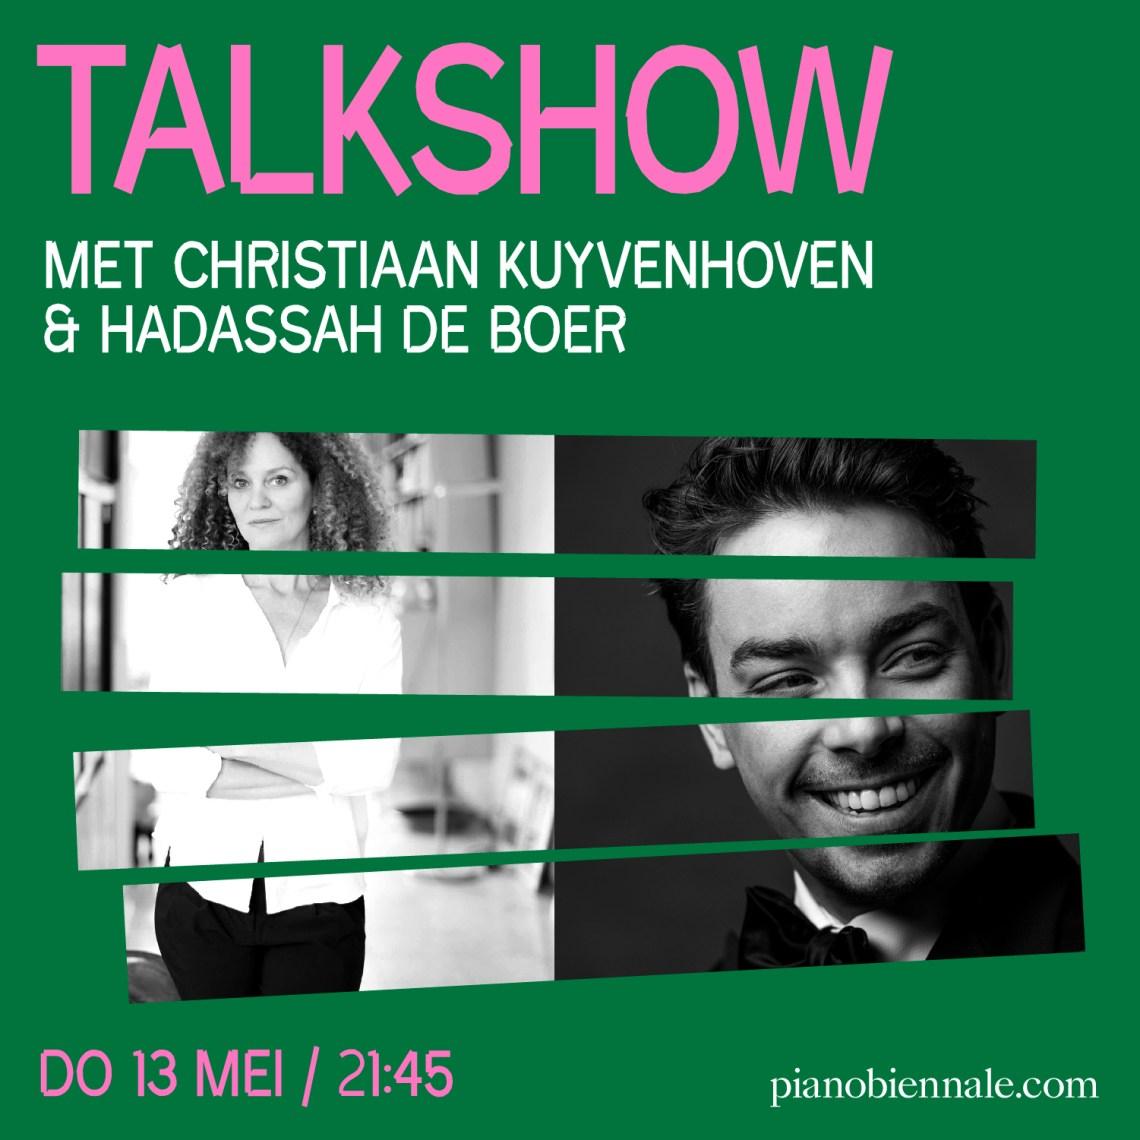 Talkshow nieuw pianofestival Piano Biënnale met Christiaan Kuyvenhoven en Hadassah de Boer